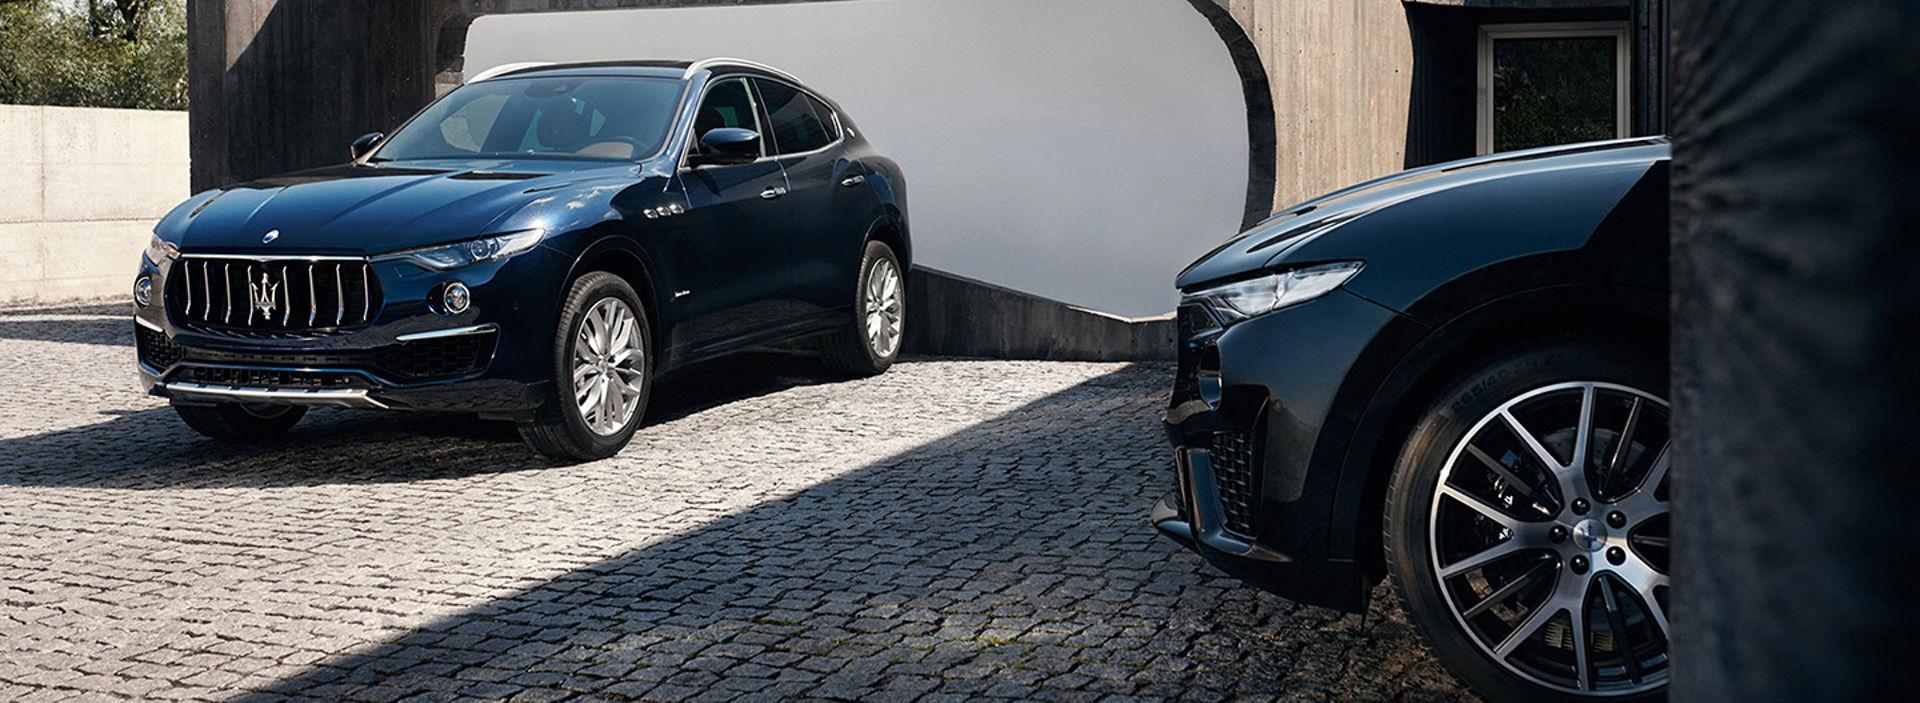 Maserati Levante colore Nero - Dettaglio ruota e fanale anteriore Maserati Levante